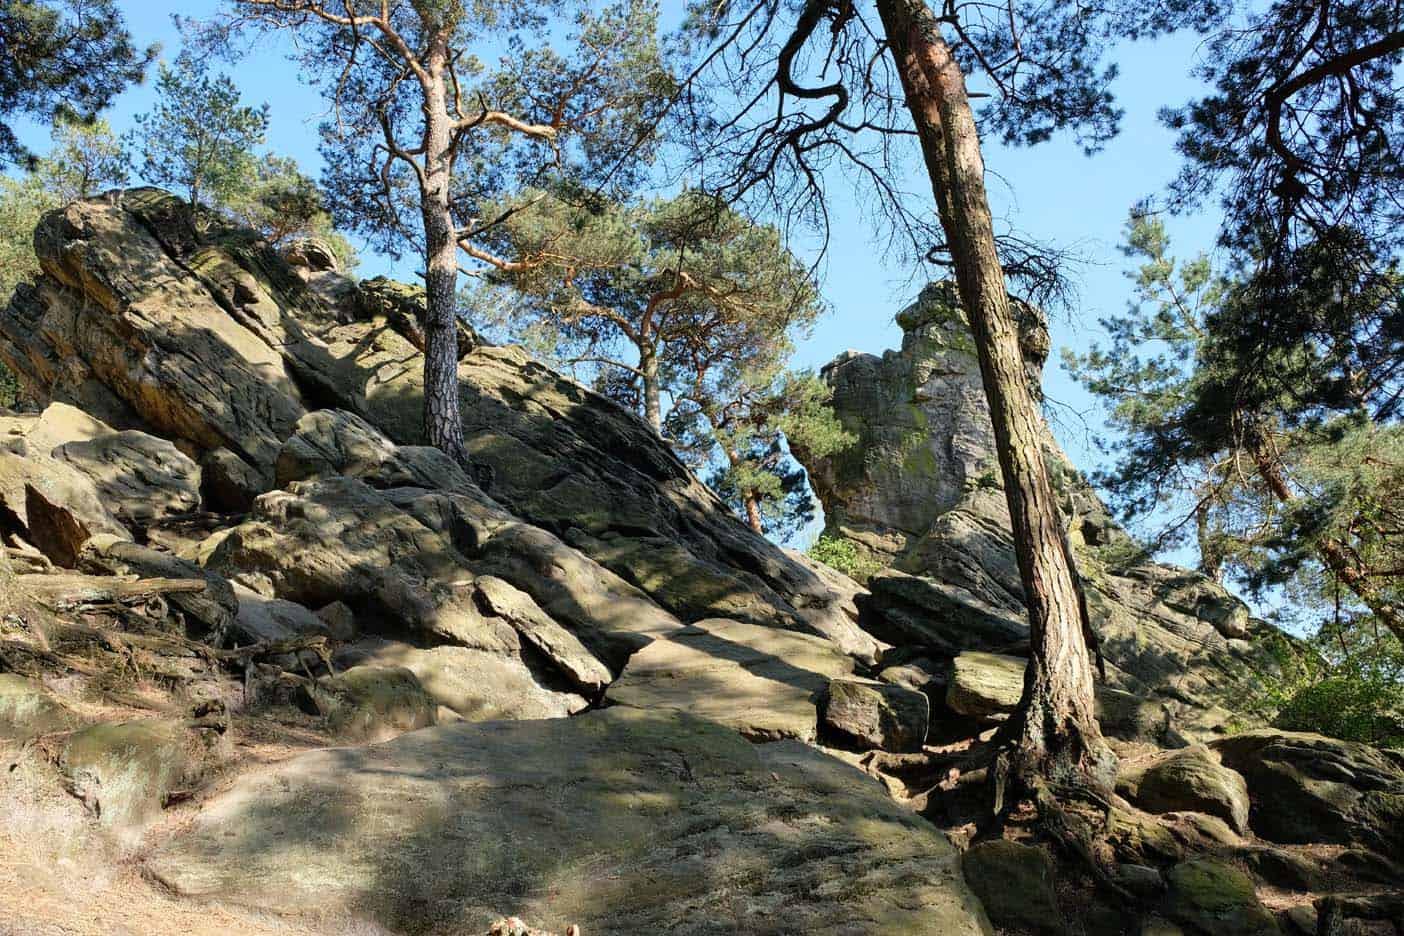 Dörenther klippen